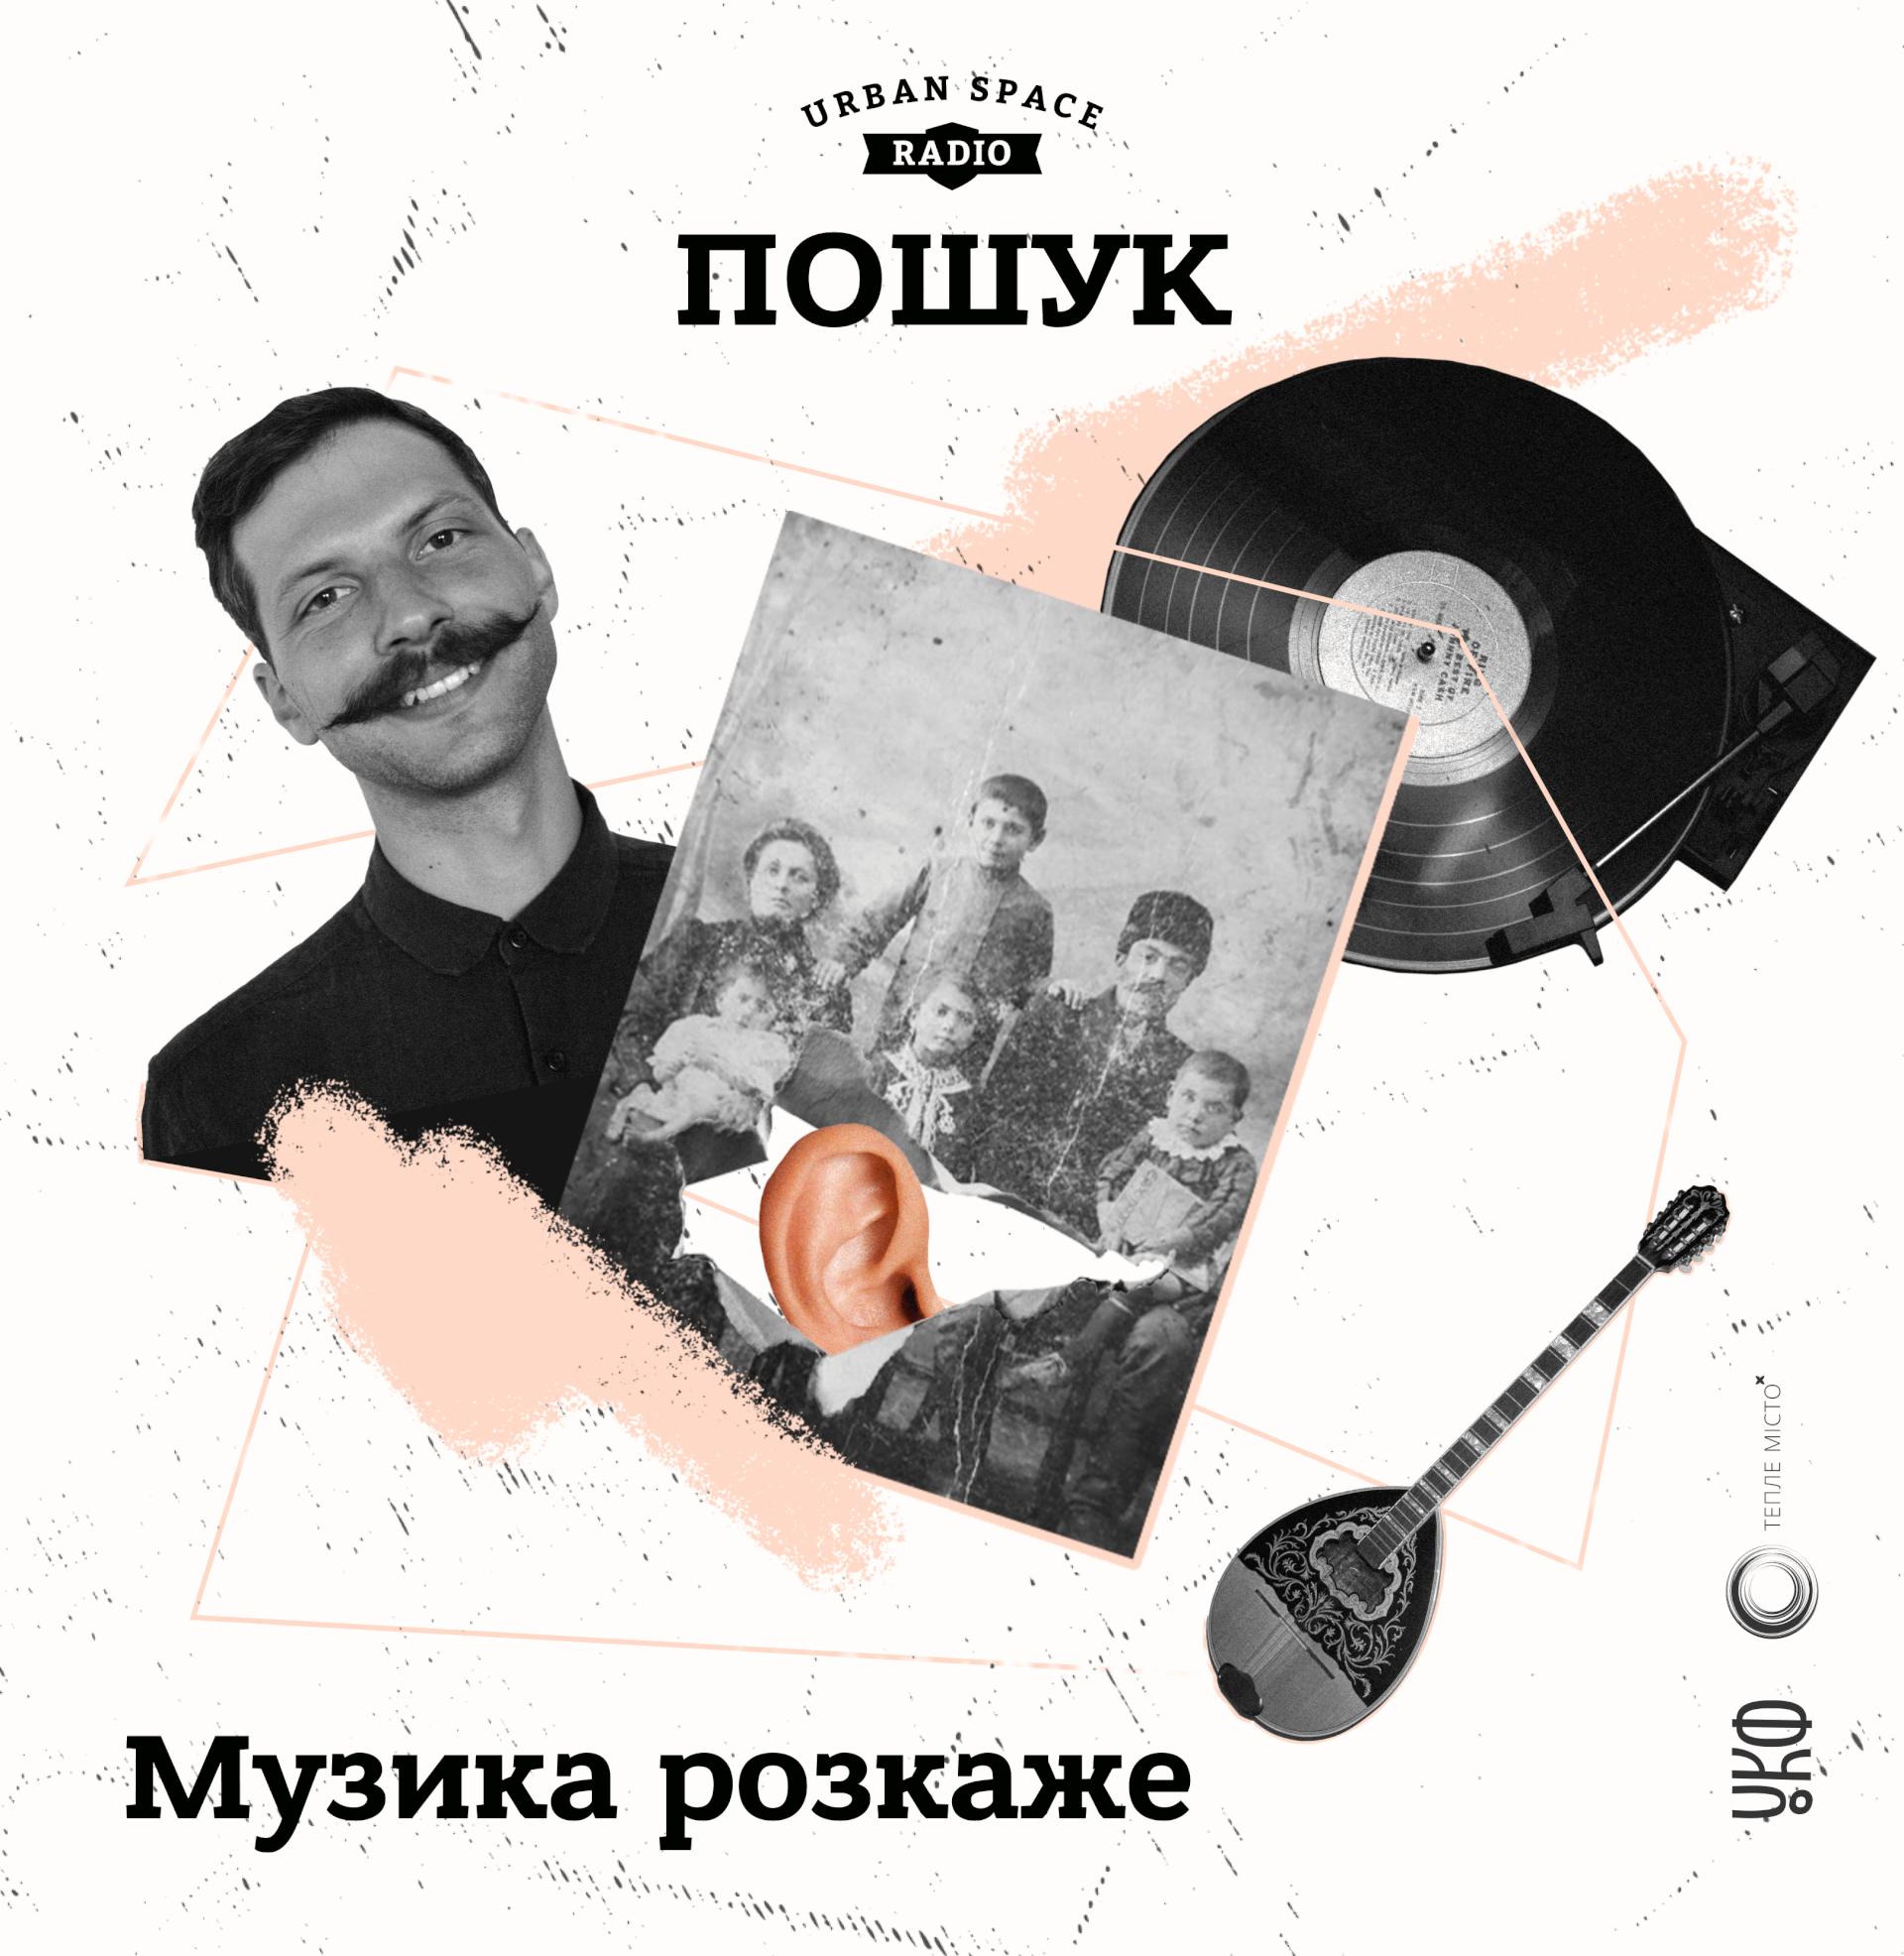 """Подкаст """"Музика розкаже"""": про музичні традиції різних народів, які мешкають в Україні"""